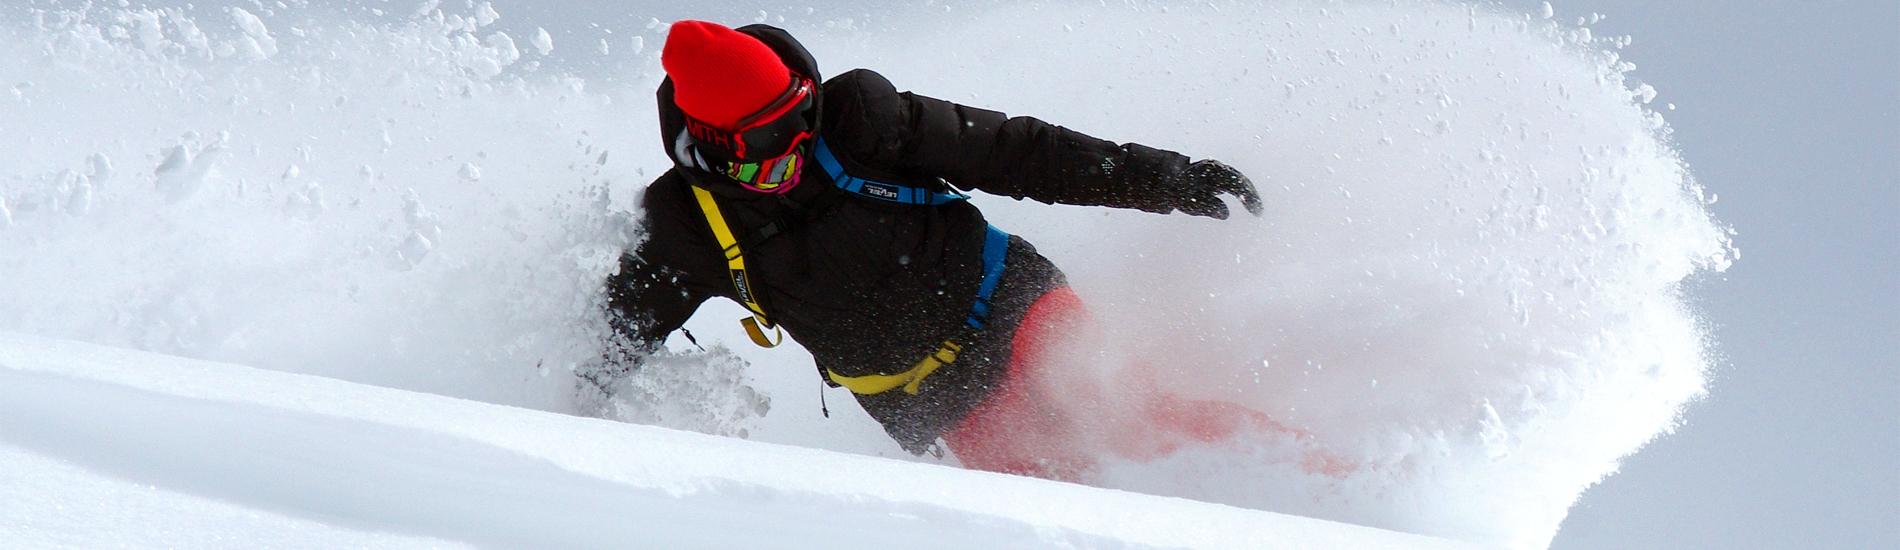 SNOWBOARD E SCI FREERIDE